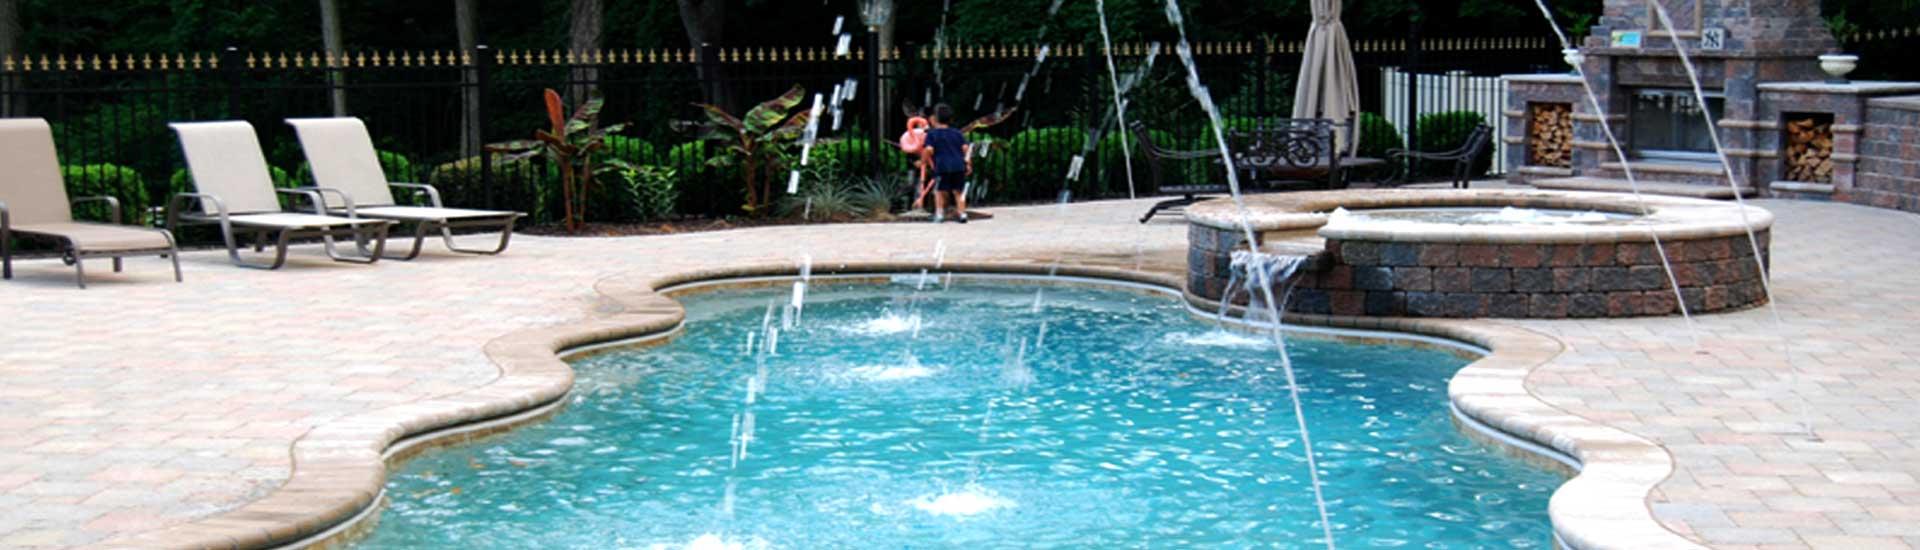 Heritage Pools Fiberglass Pools Montgomery County Pennsylvania